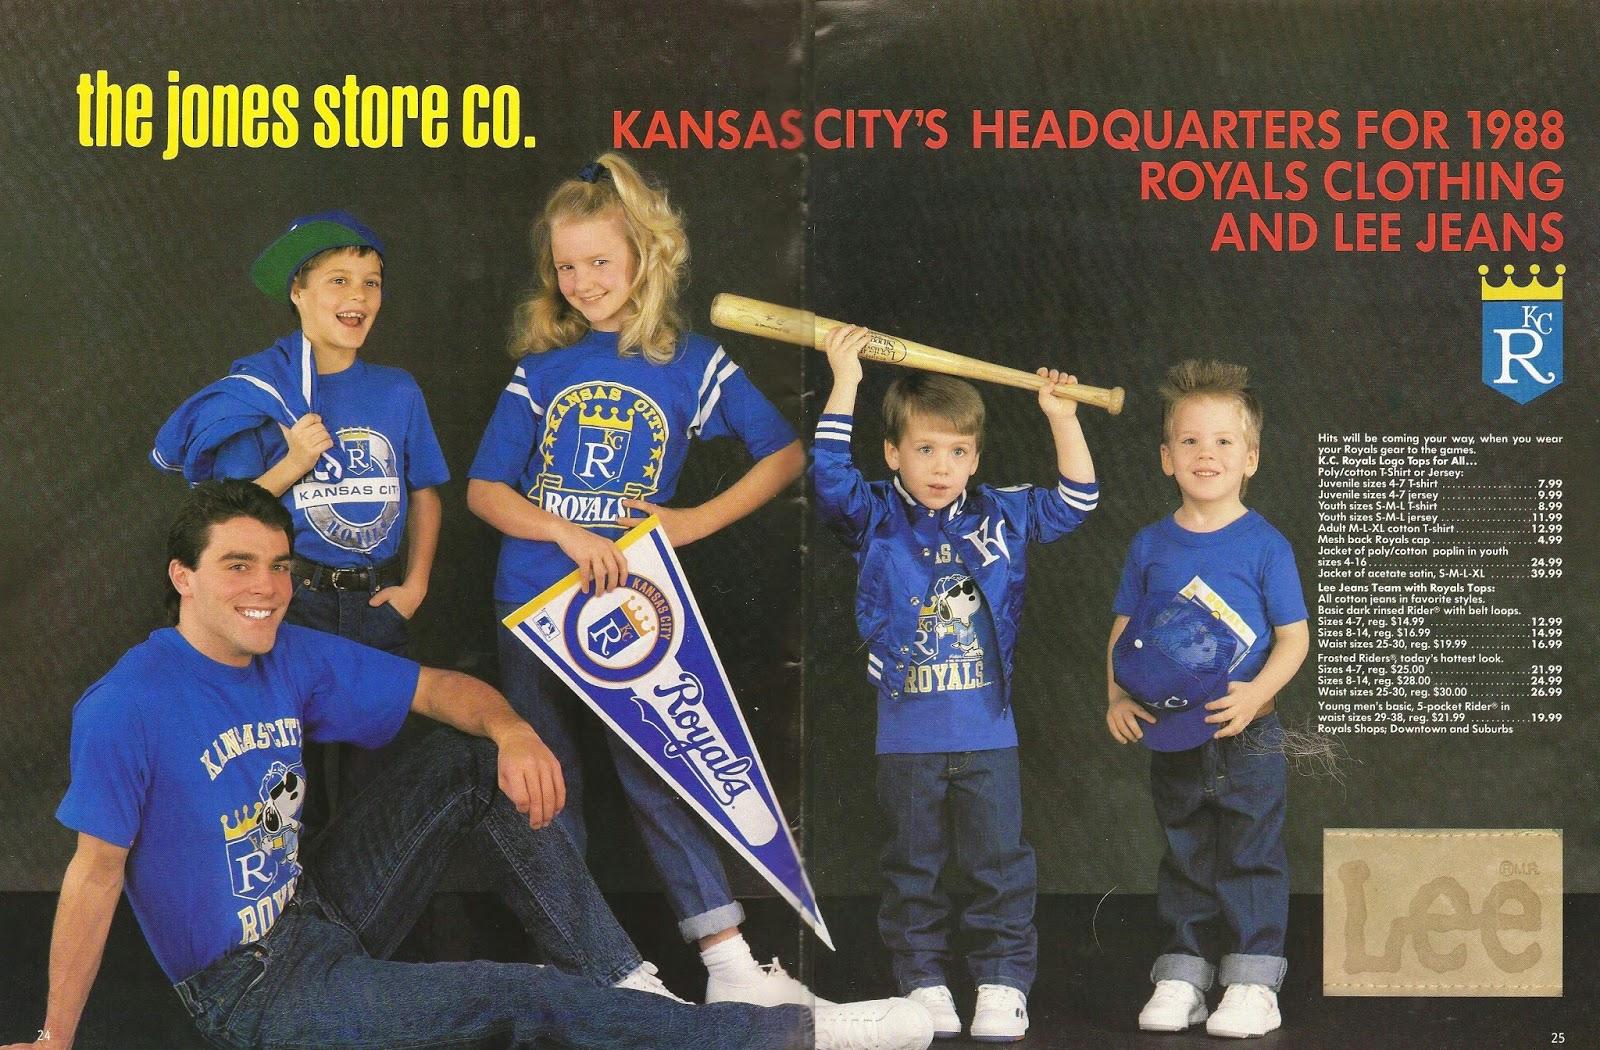 http://1.bp.blogspot.com/-Cajr1YEysLY/U9fFxzo8lQI/AAAAAAAANHc/RoAkqLT8ljk/s1600/1988-royals-jones-store-ad.jpg